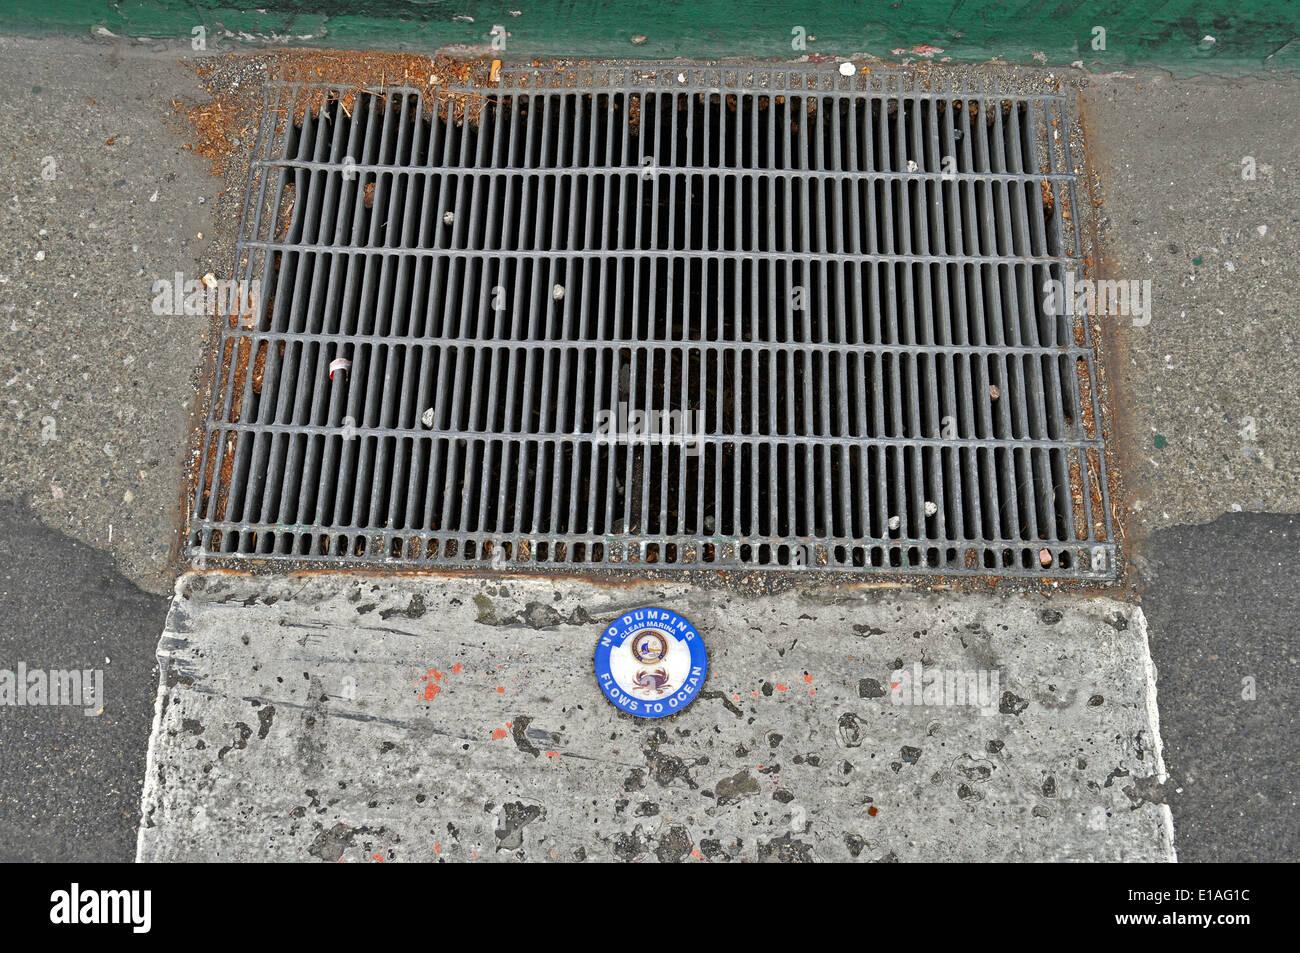 Eaux pluviales 'aucun dumping n'écoule vers Ocean' sign Photo Stock